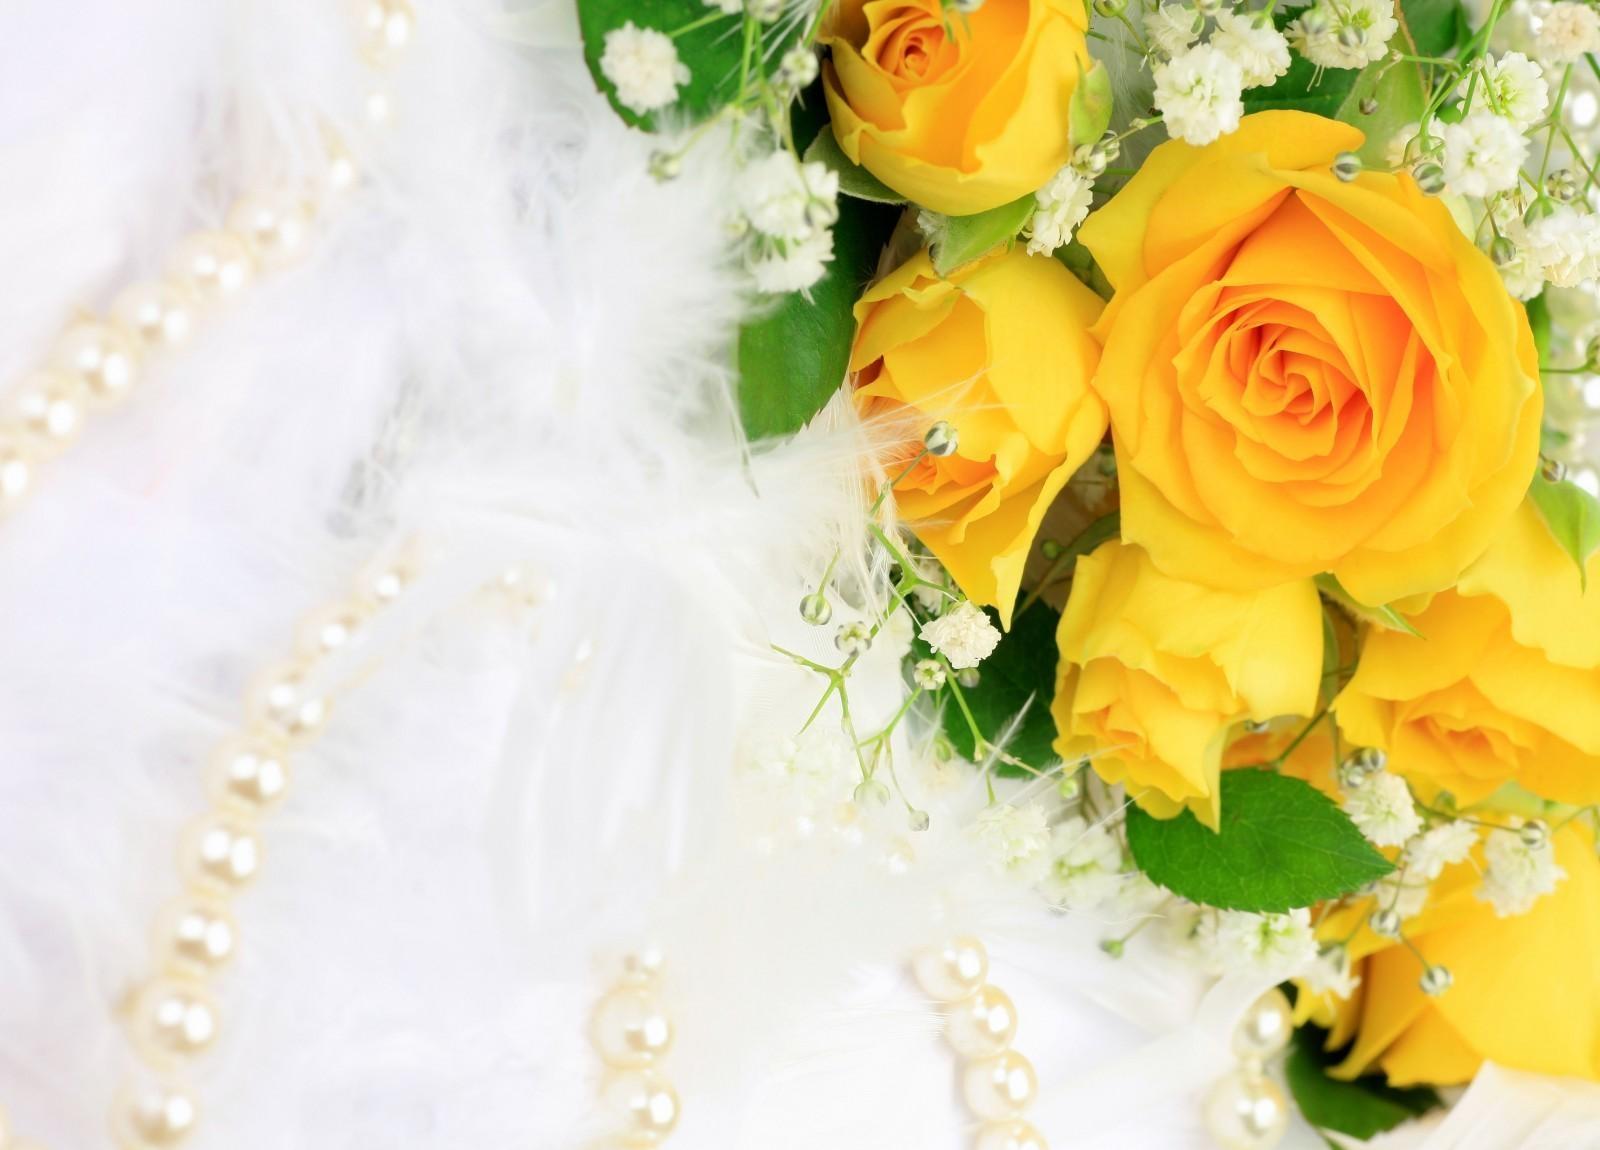 Imagini De Fundal Galben Bijuterii Perle Floare Plantă